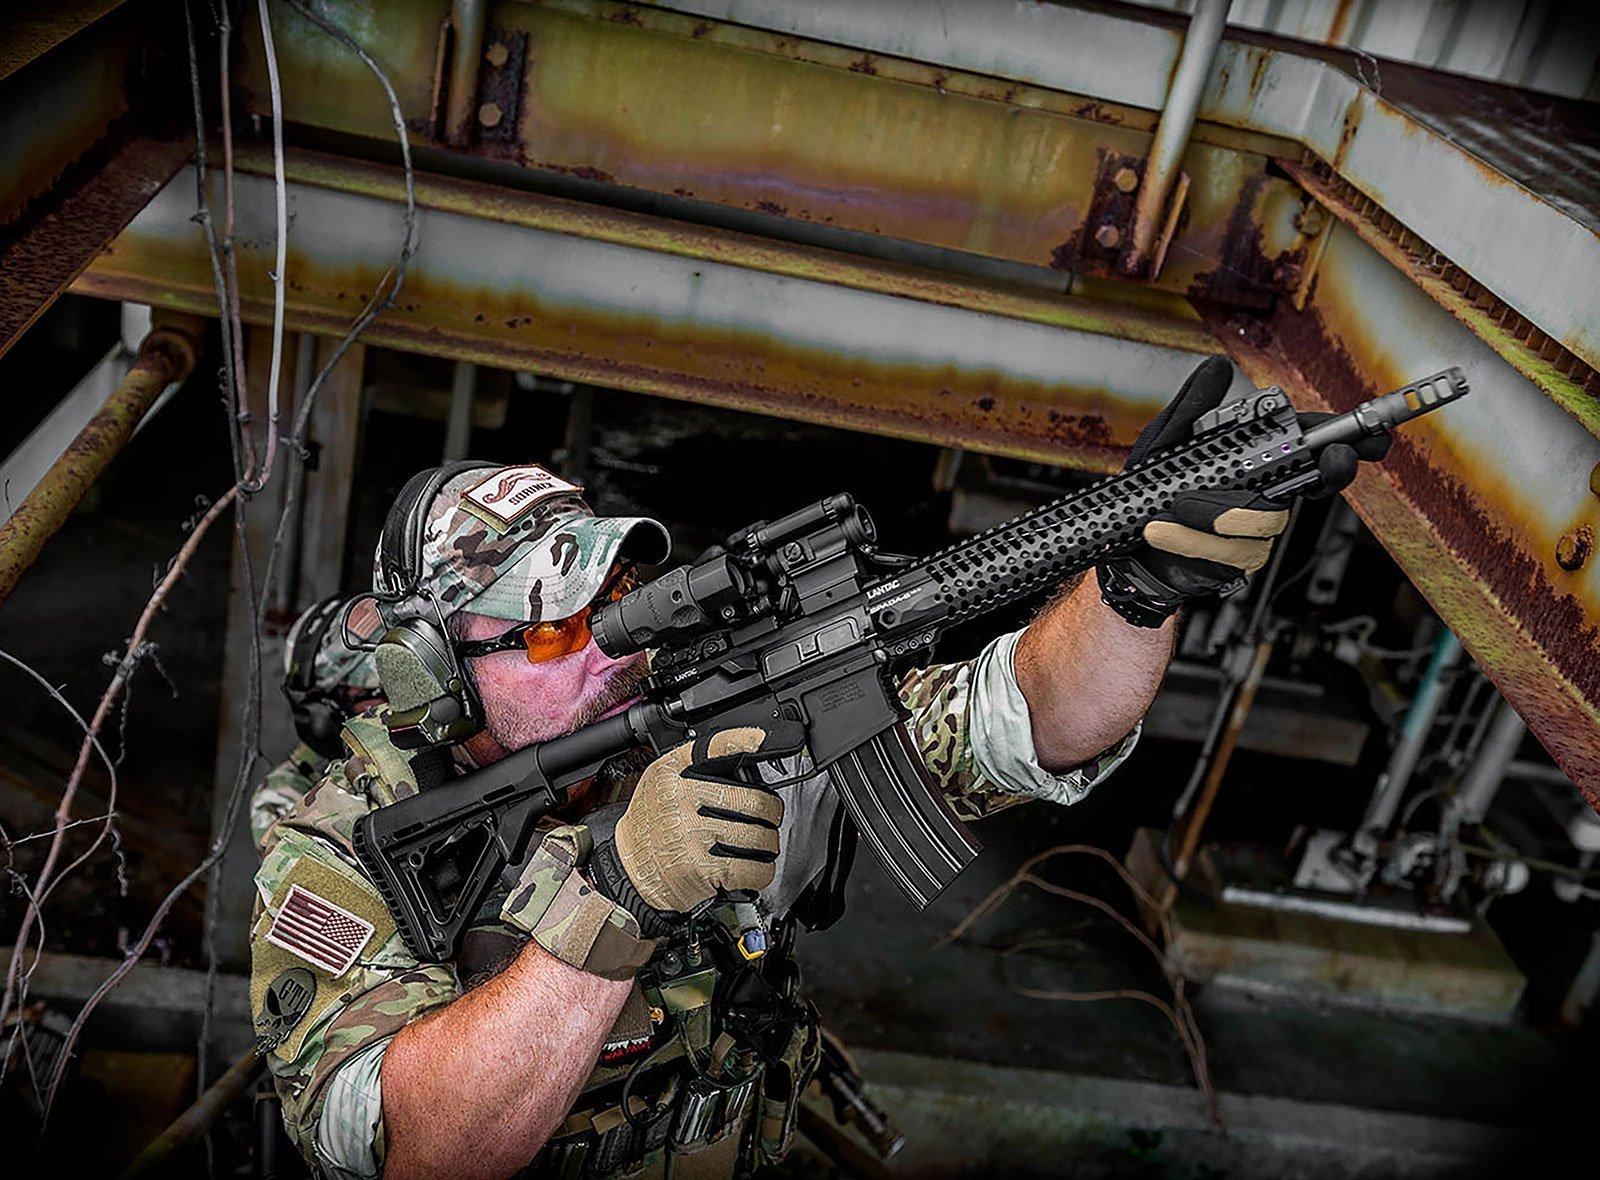 El ejército francés adopta el visor Aimpoint compM5